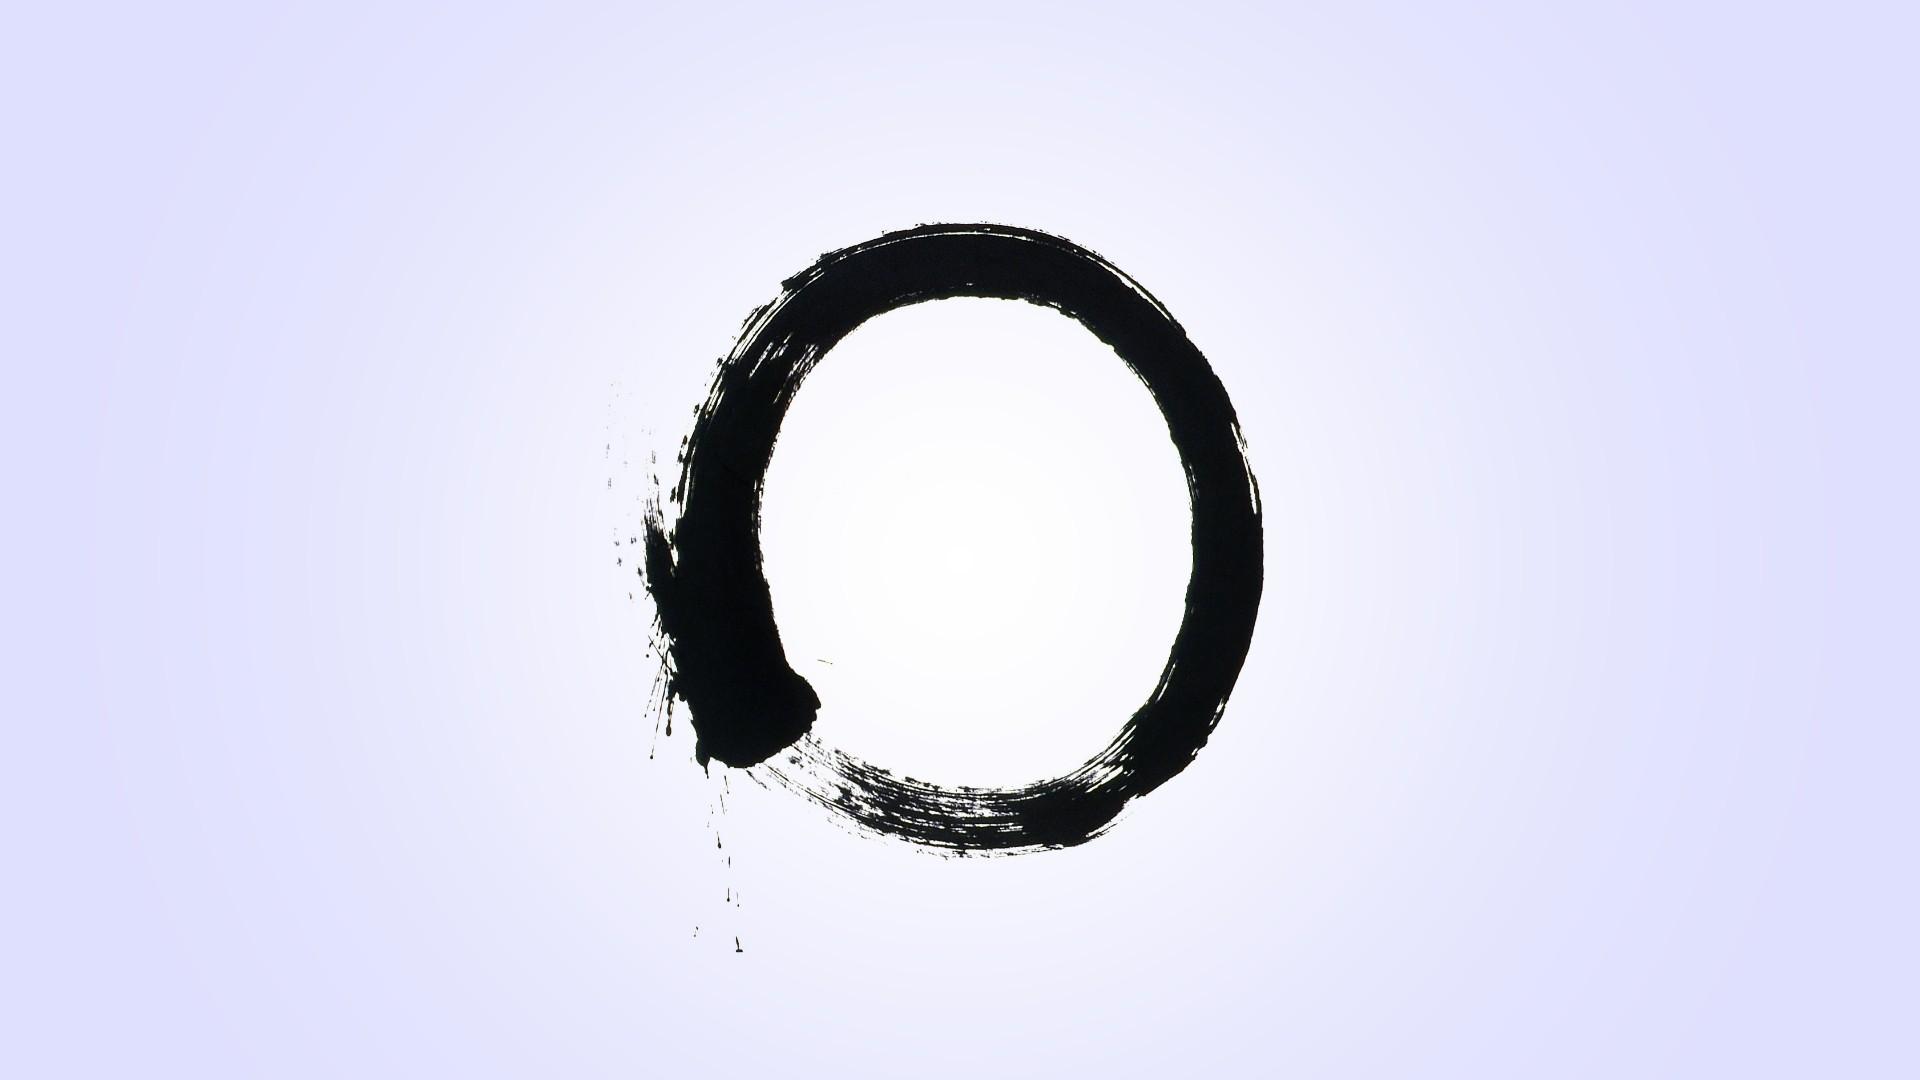 General 1920x1080 minimalism zen ensō ouroboros simple background circle monochrome